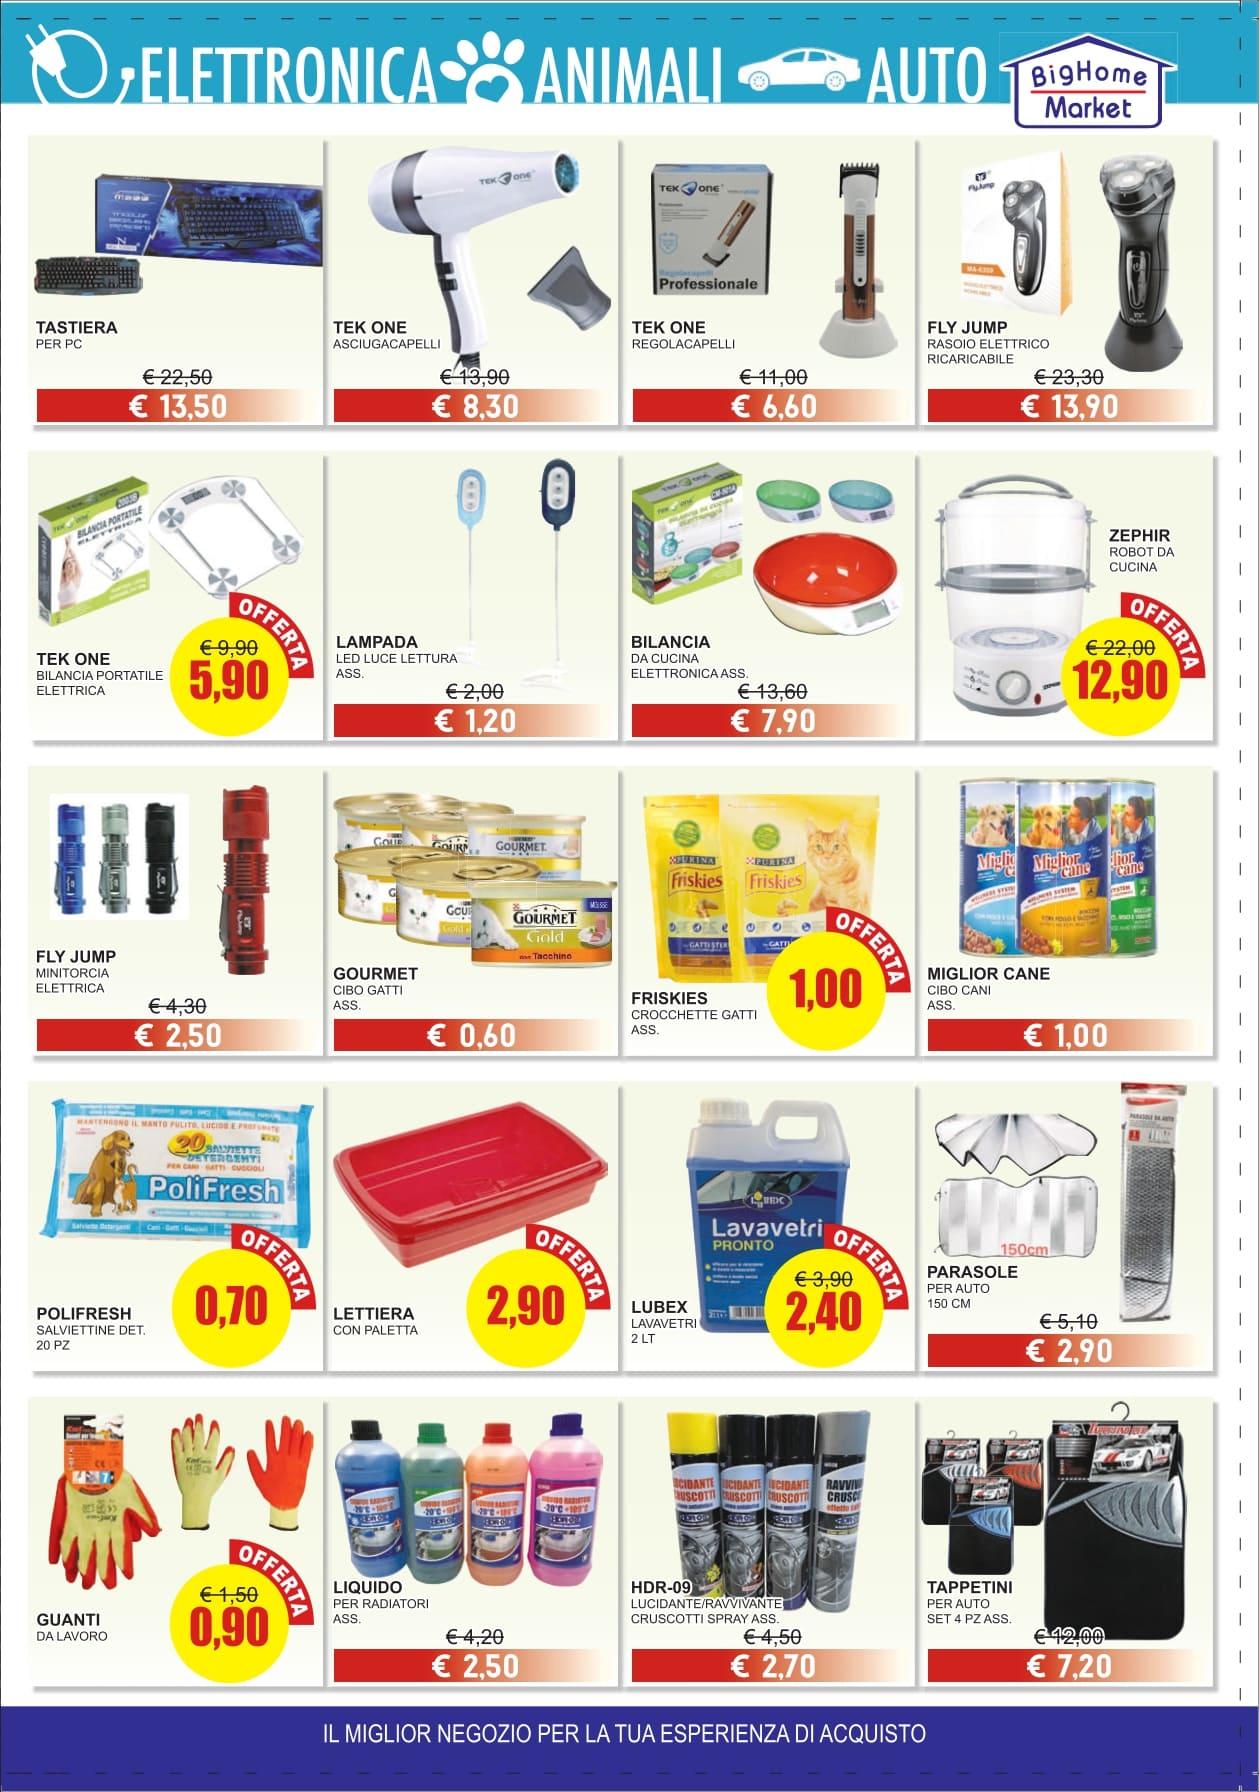 BigHomeCiano01_16_page-0011